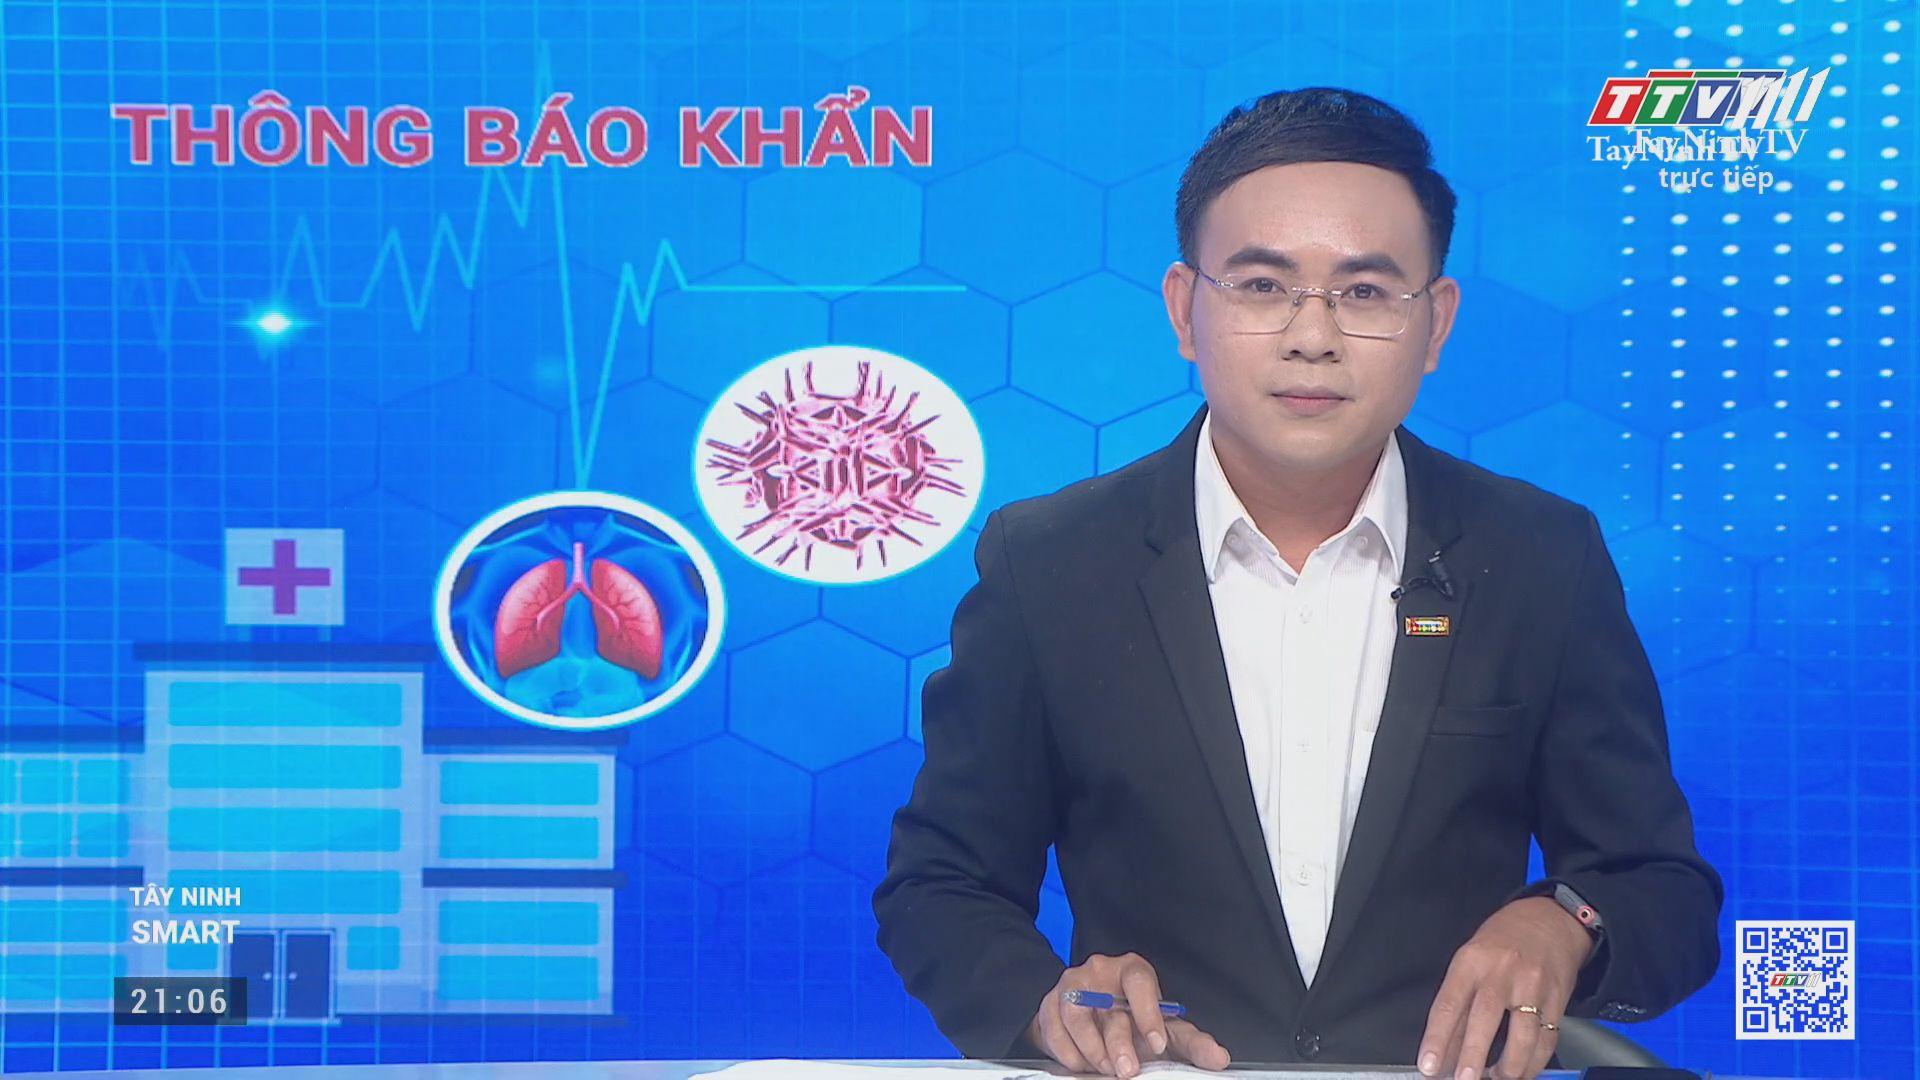 THÔNG BÁO KHẨN: tiếp tục thực hiện Chỉ thị 16 trên địa bàn tỉnh Tây Ninh | TayNinhTV